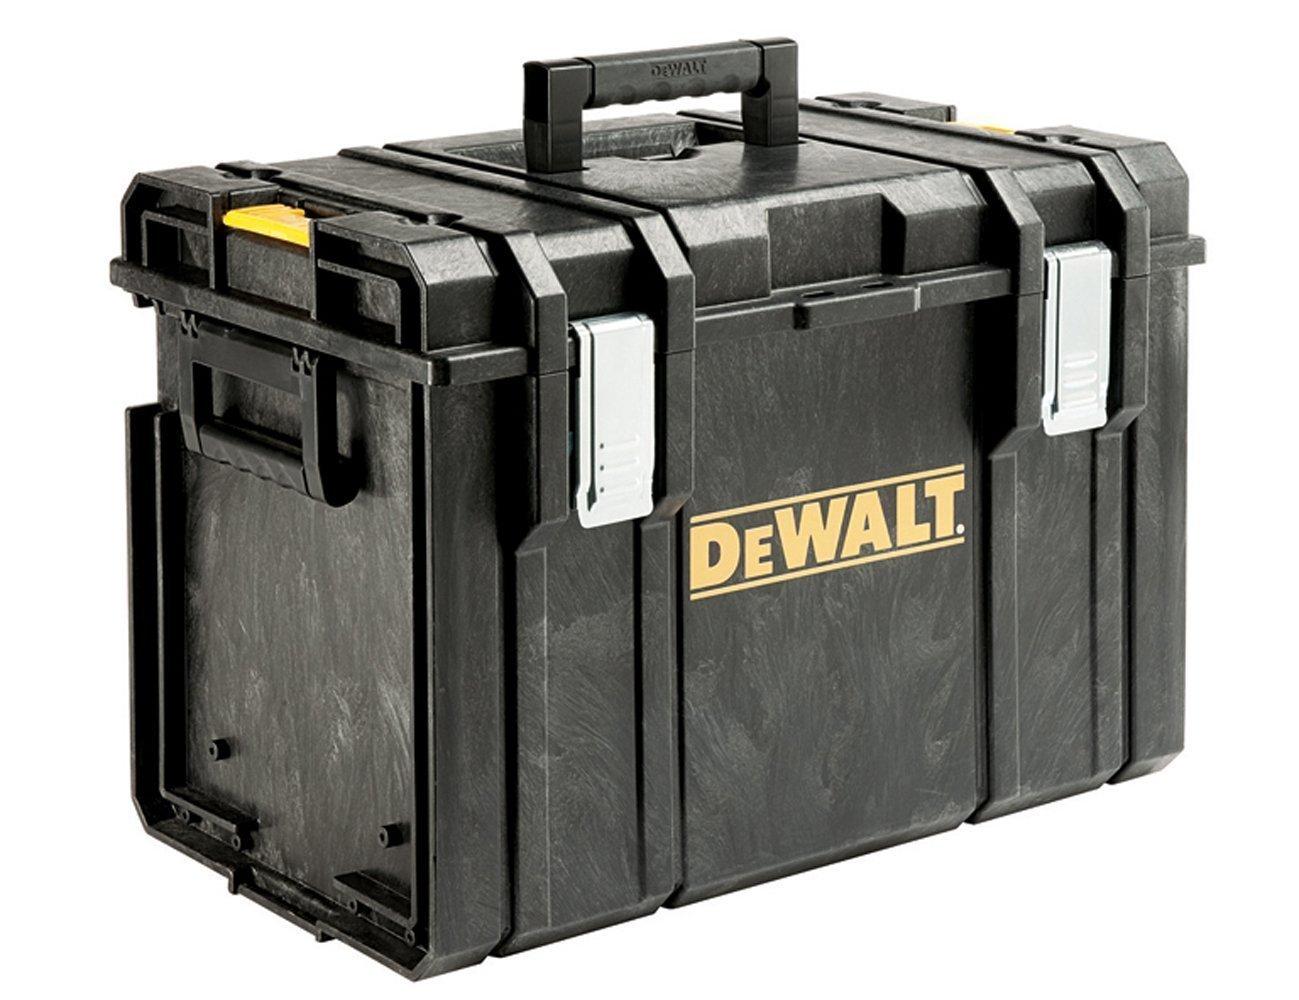 DeWalt Tough Box DS400 £25.51 (Prime Exclusive) @ Amazon